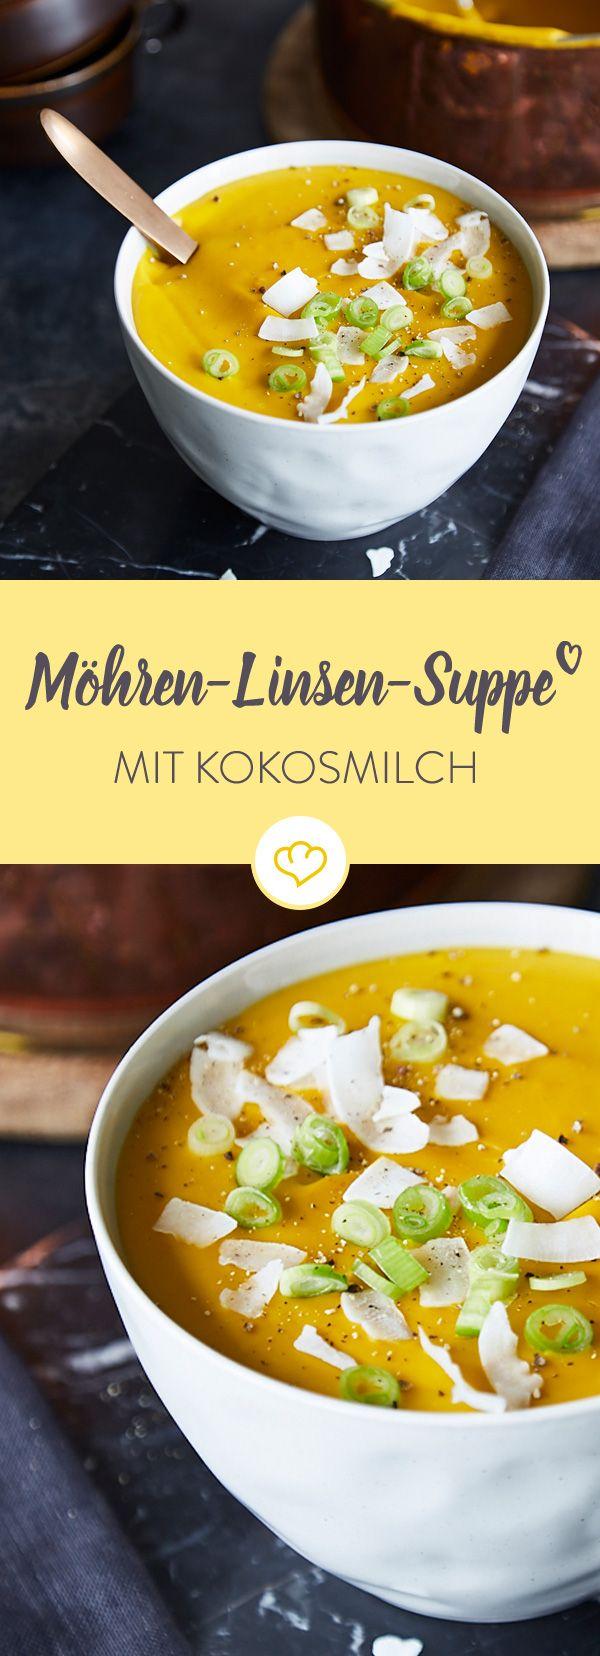 schnelle m hren linsen suppe mit kokosmilch rezept go veggie vegetarische rezepte. Black Bedroom Furniture Sets. Home Design Ideas